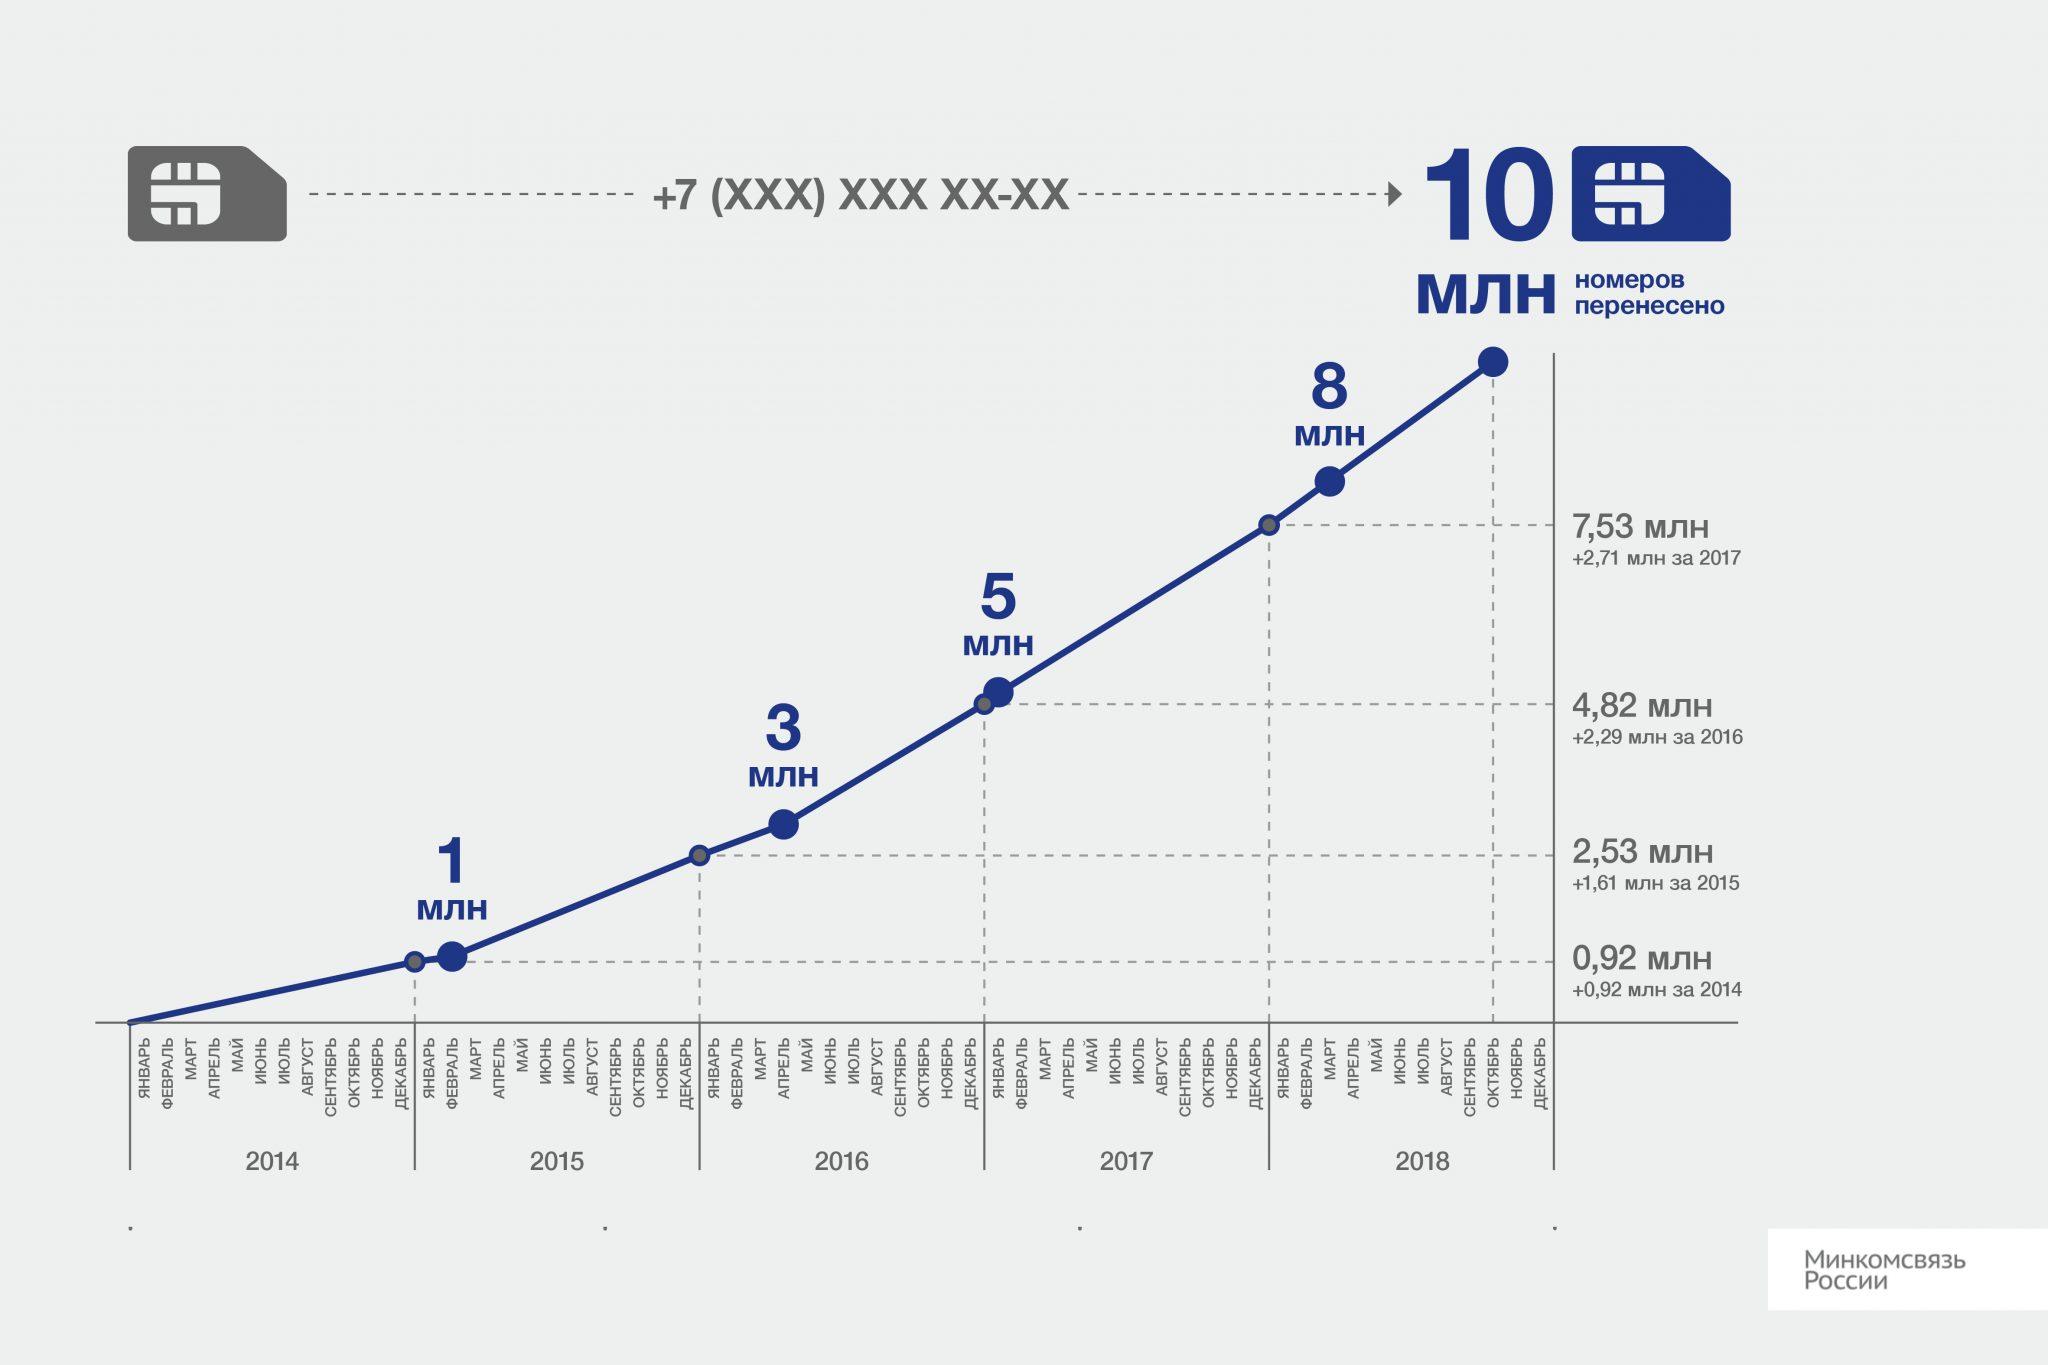 Операторы удерживают в рамках MNP менее 40% абонентов 1